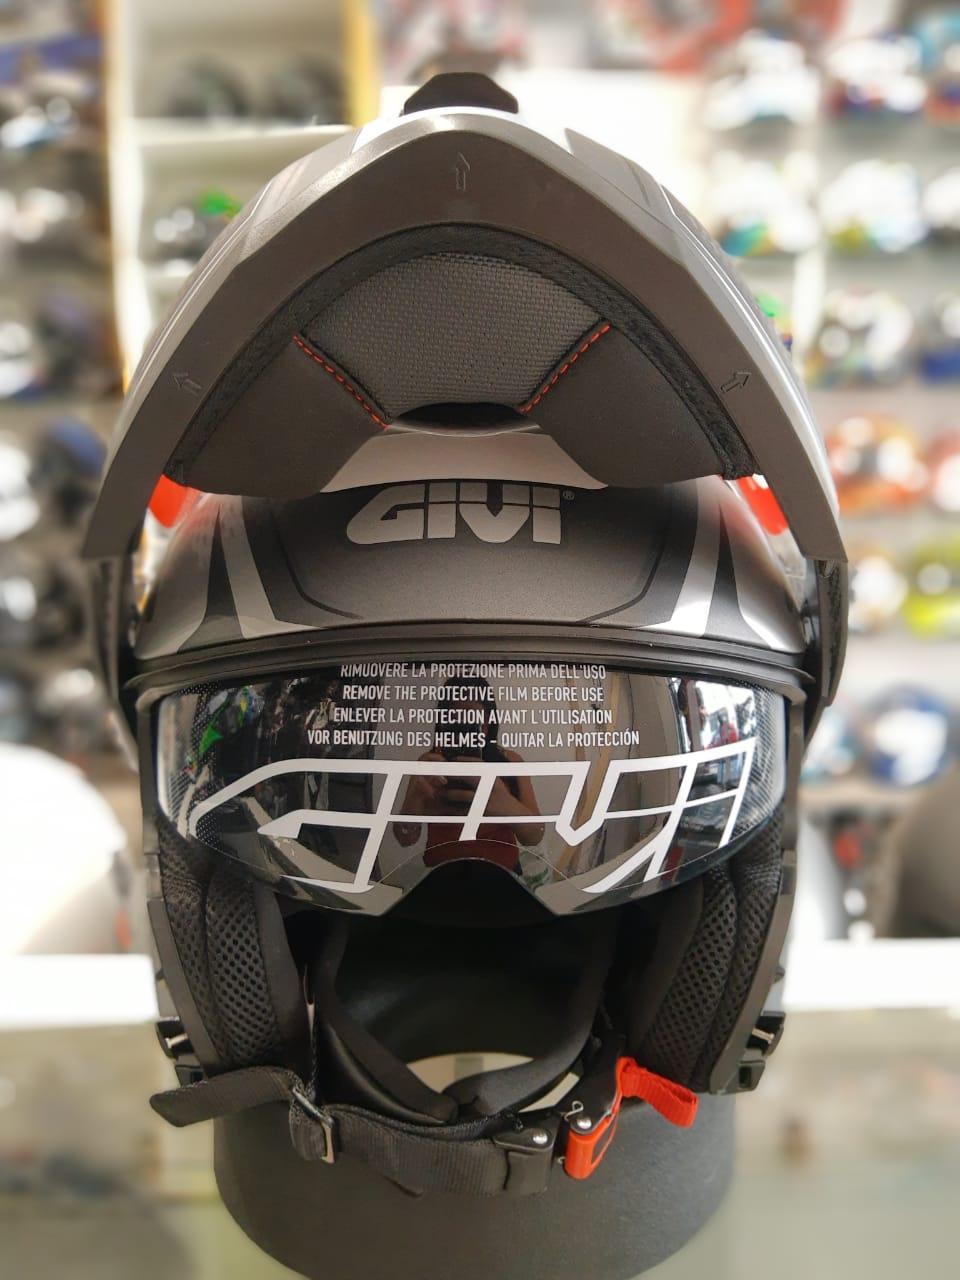 CAPACETE GIVI X21 SHIVER TITÂNIO/PRATA (ARTICULADO) LANÇAMENTO   - Planet Bike Shop Moto Acessórios